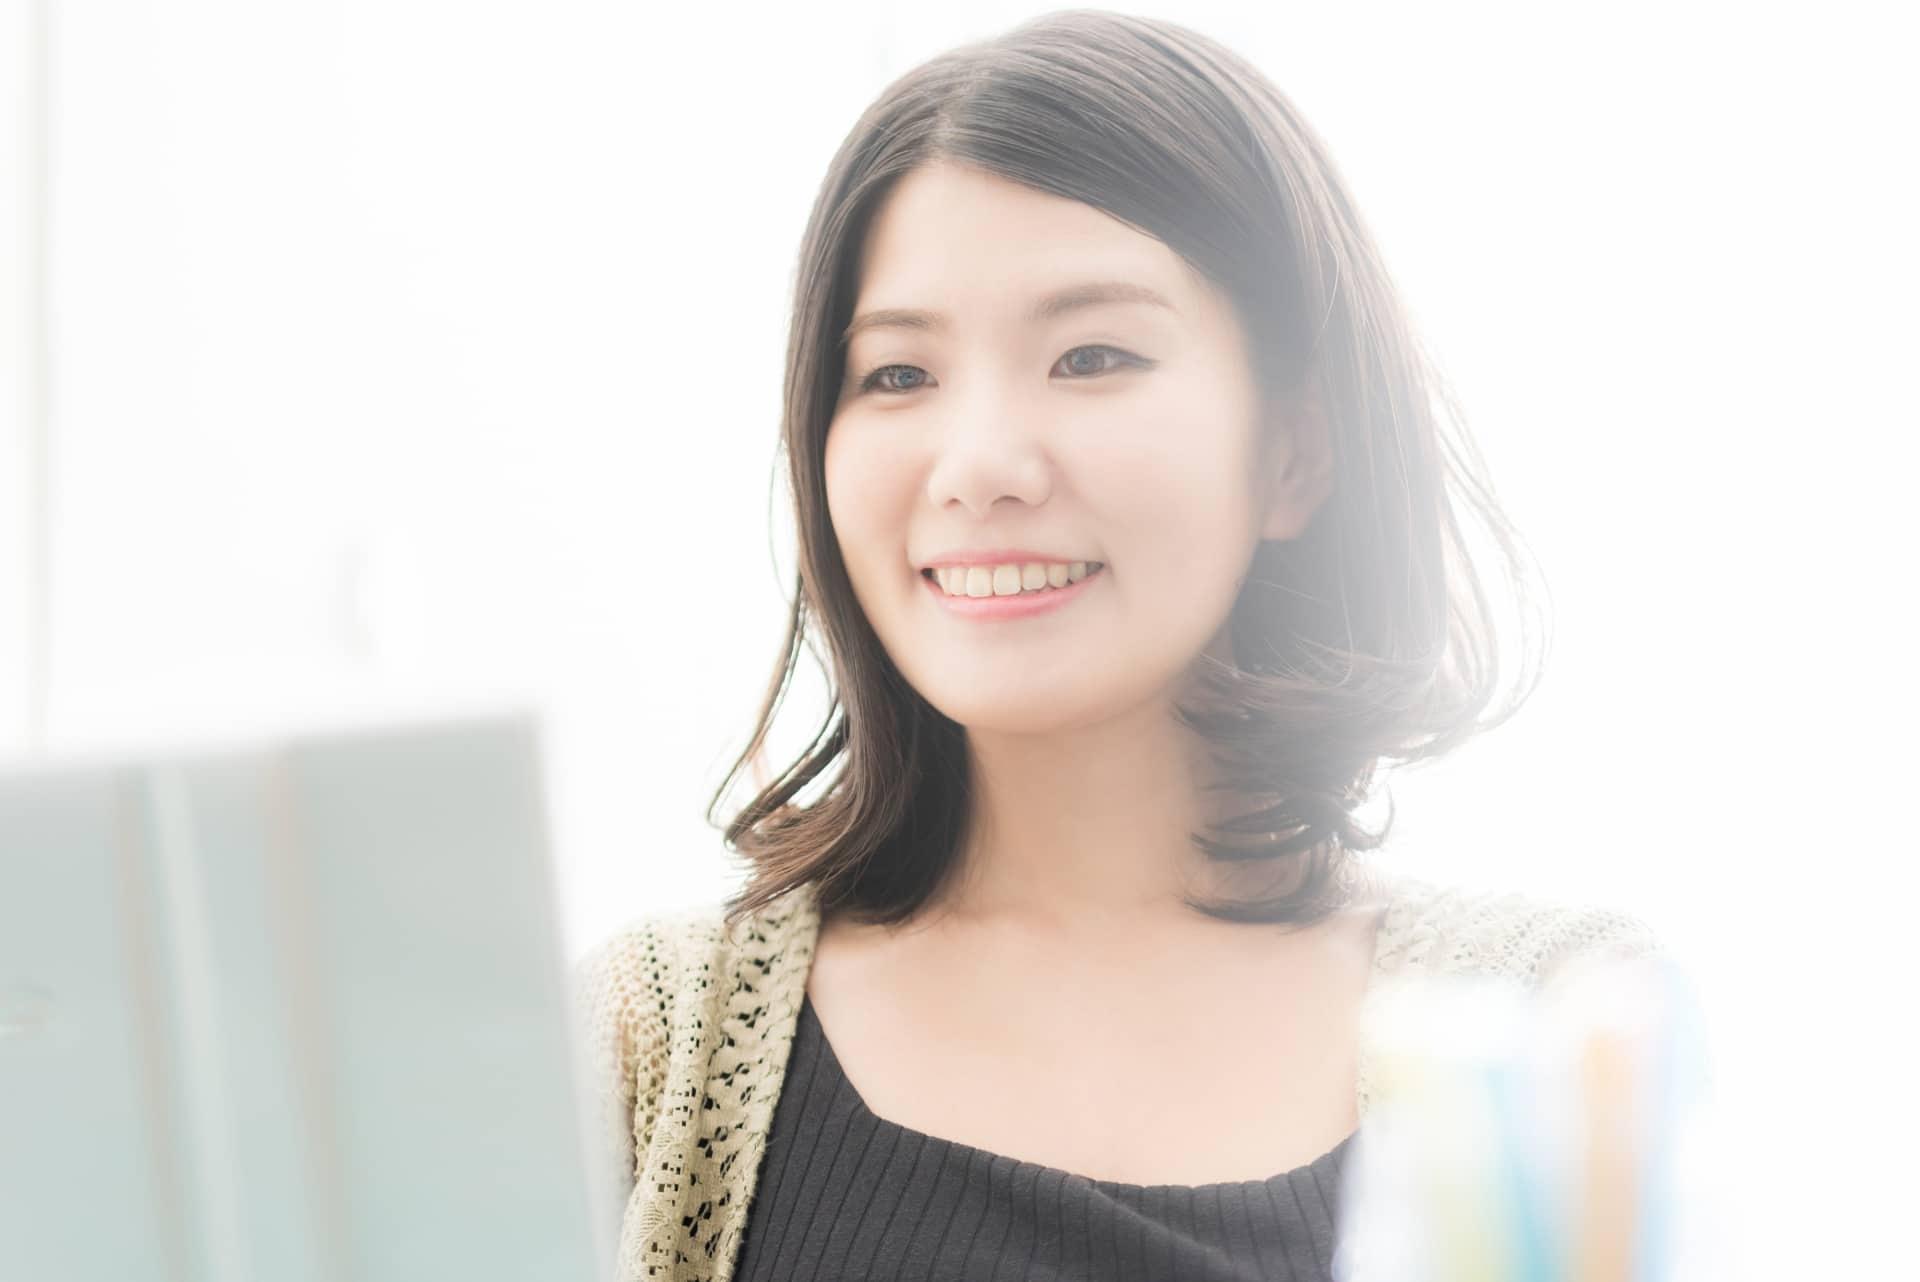 パソコンをしながら微笑む女性